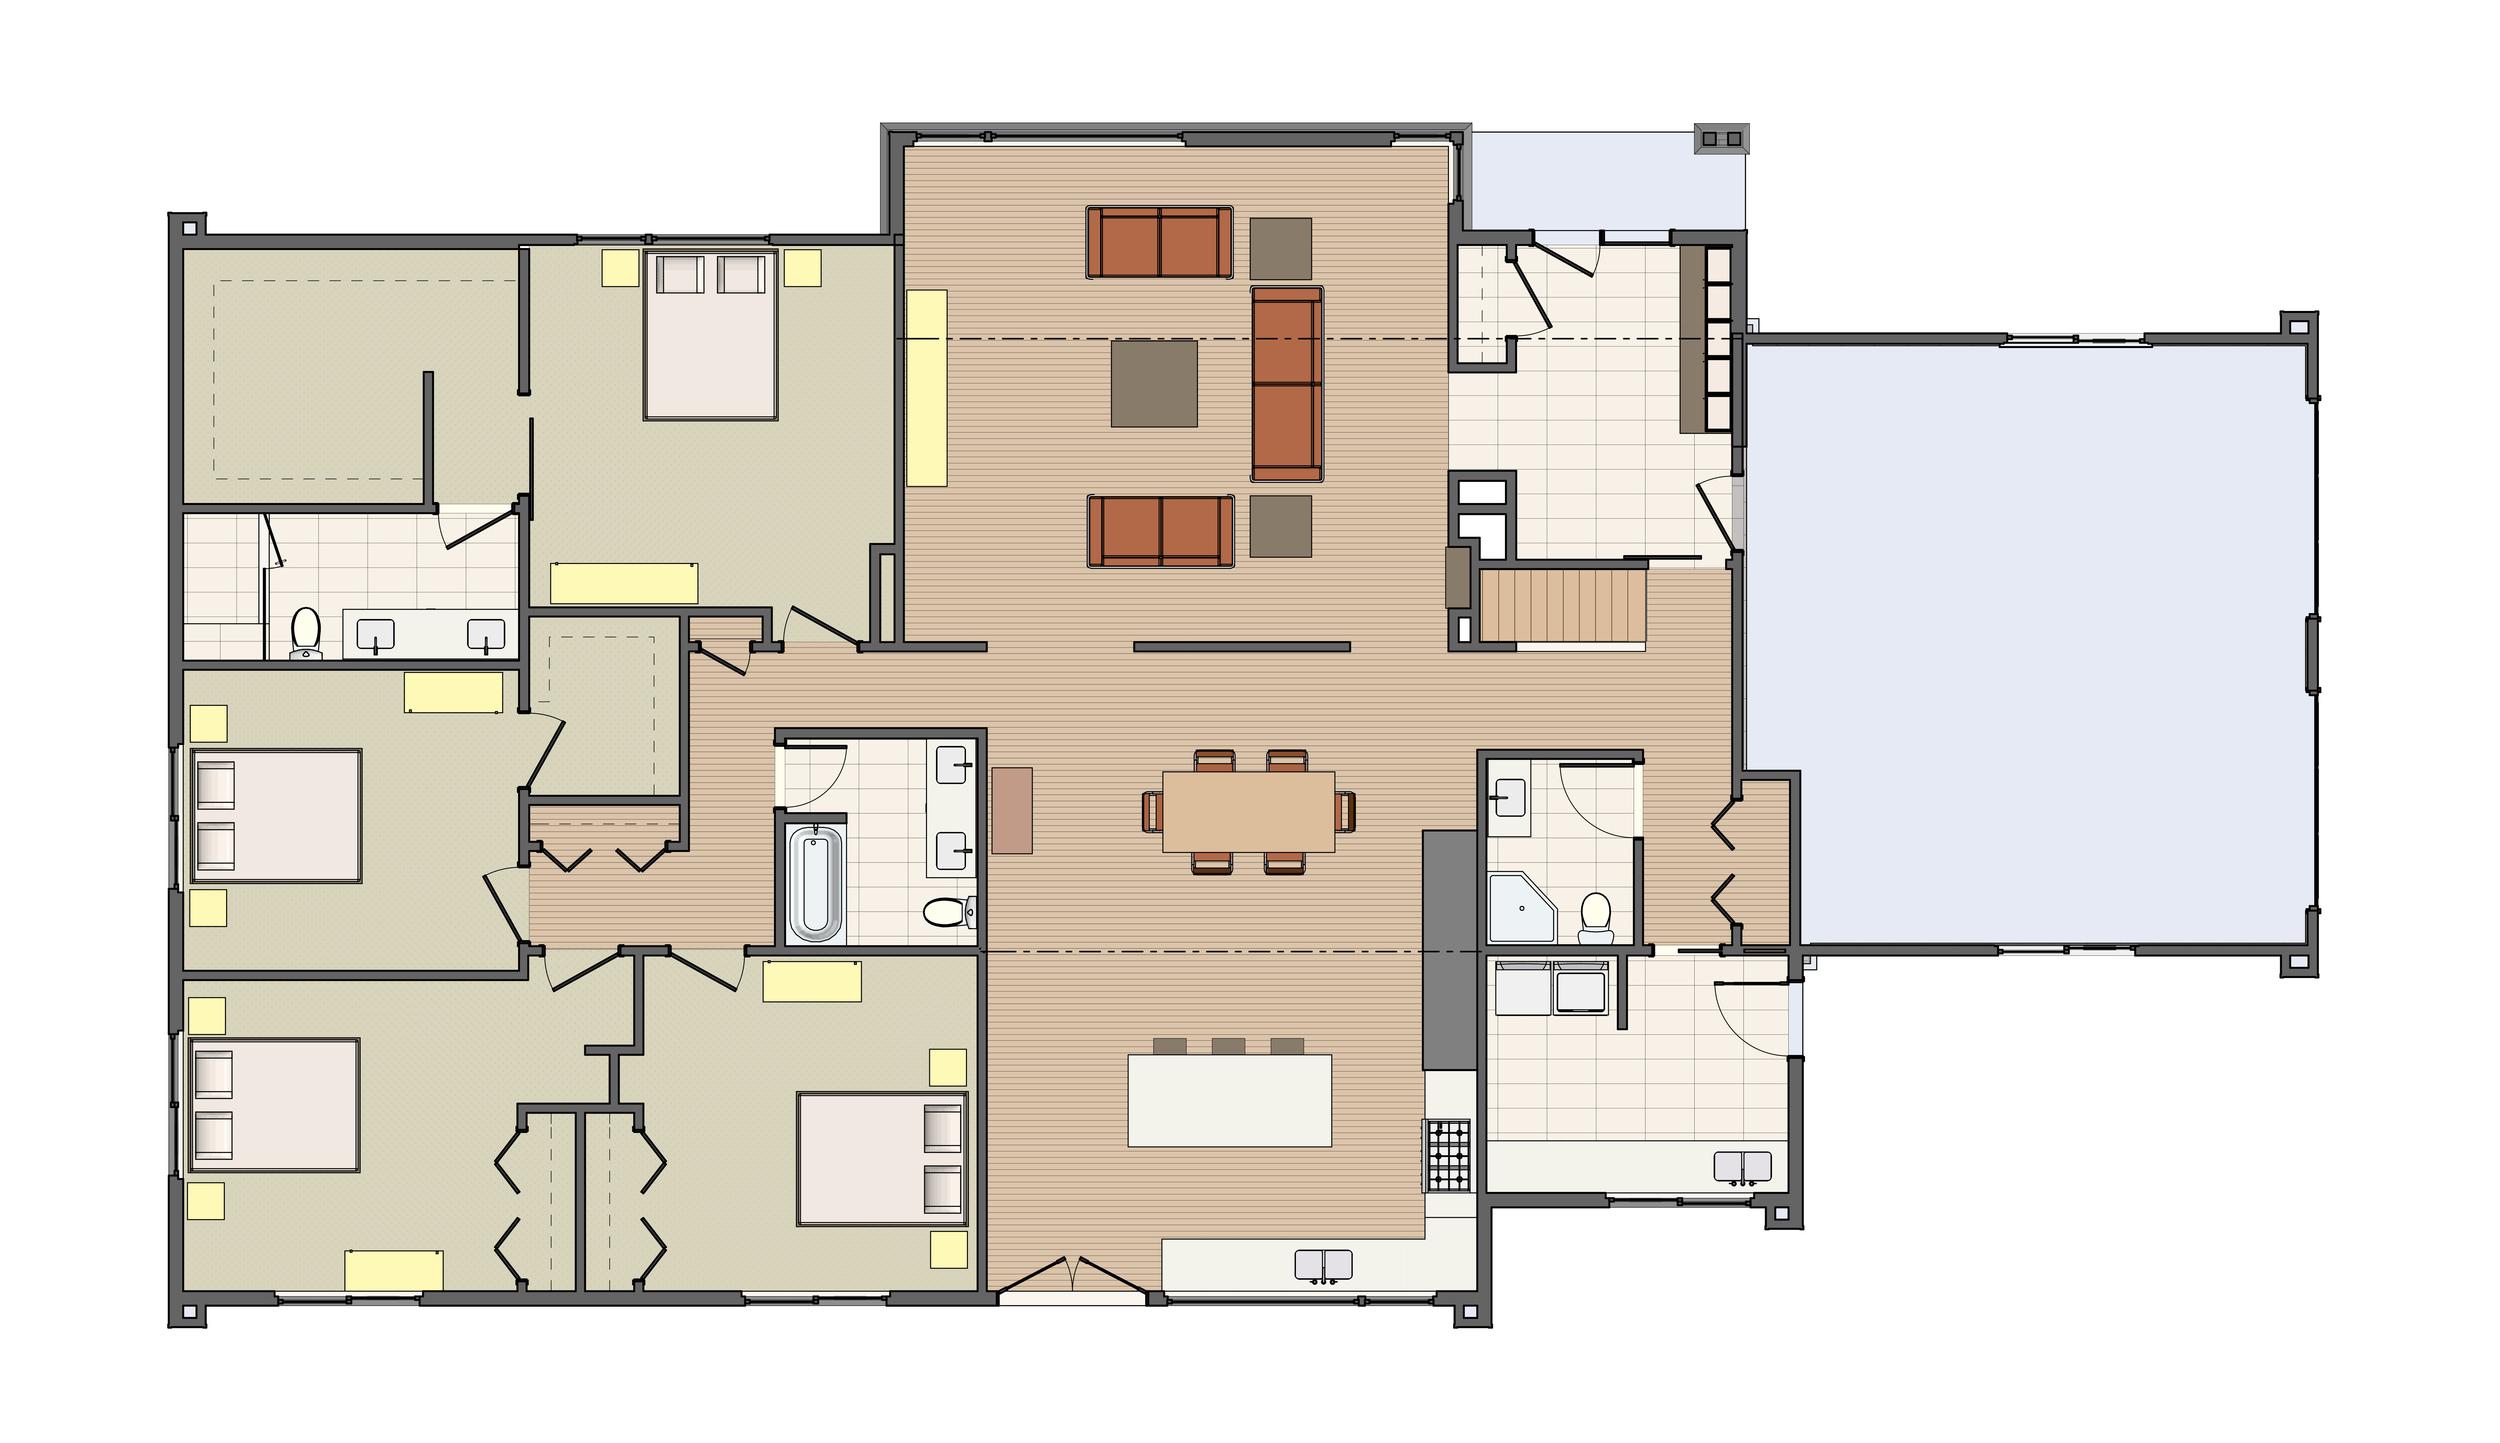 Final Floor Plan Design